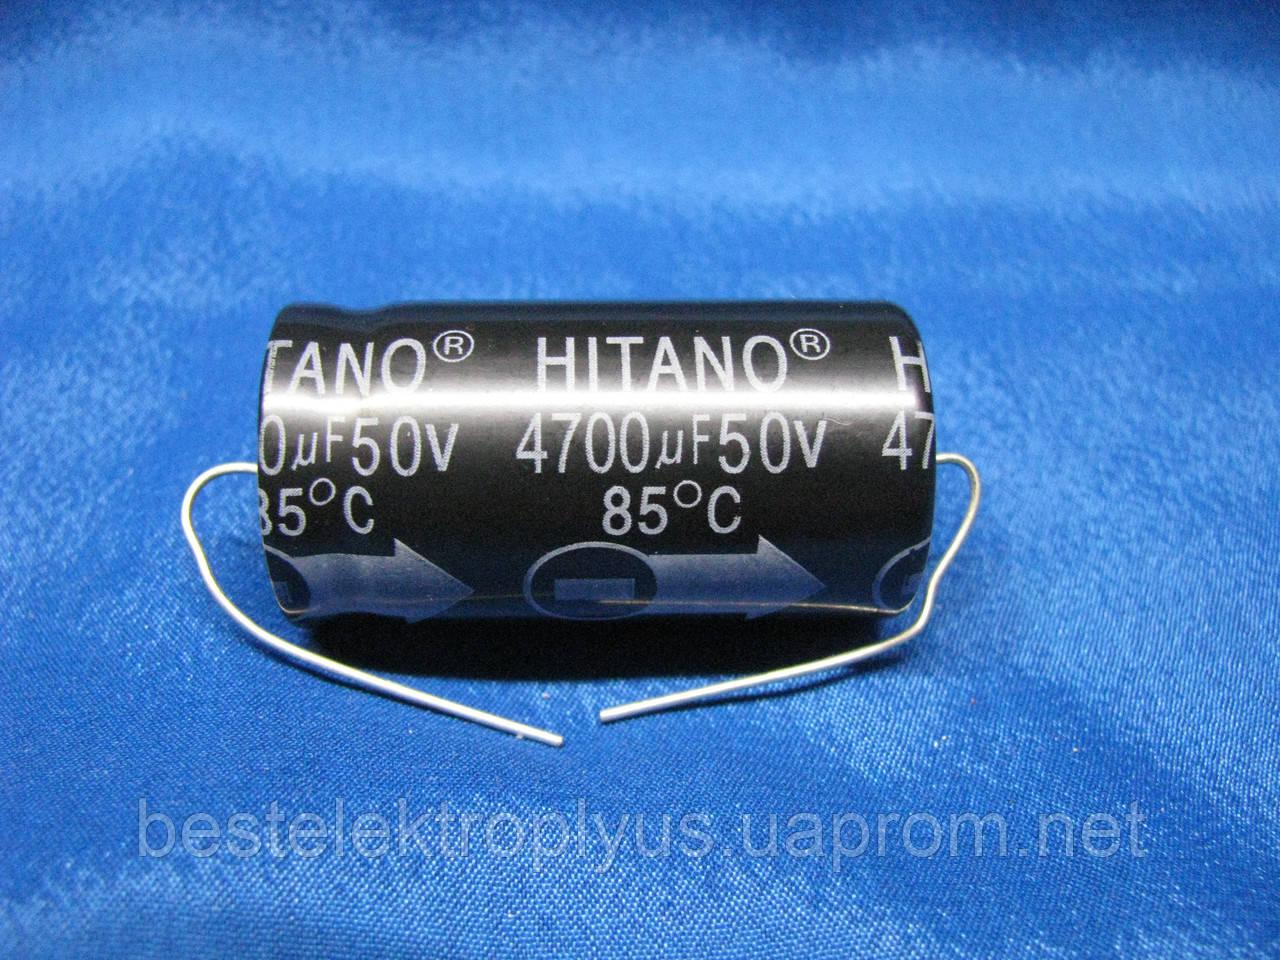 Конденсатор электролитический 4700 мкф, 50В, 85*С, аксиальный